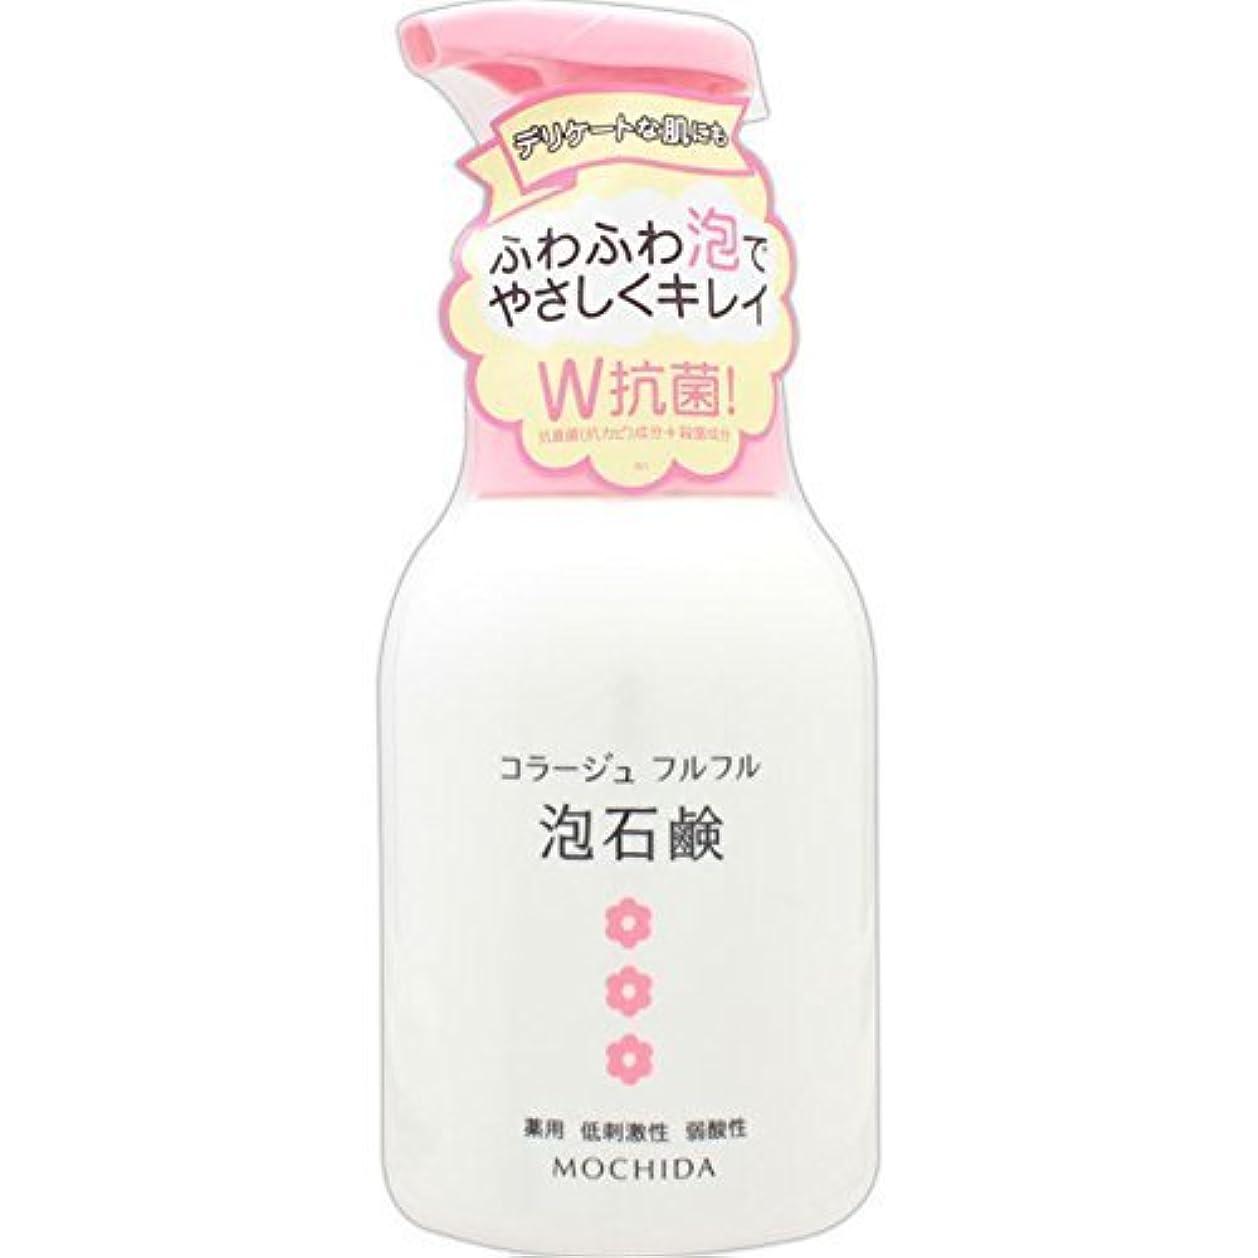 発信稚魚バストコラージュフルフル 泡石鹸 ピンク 300m L (医薬部外品) ×5